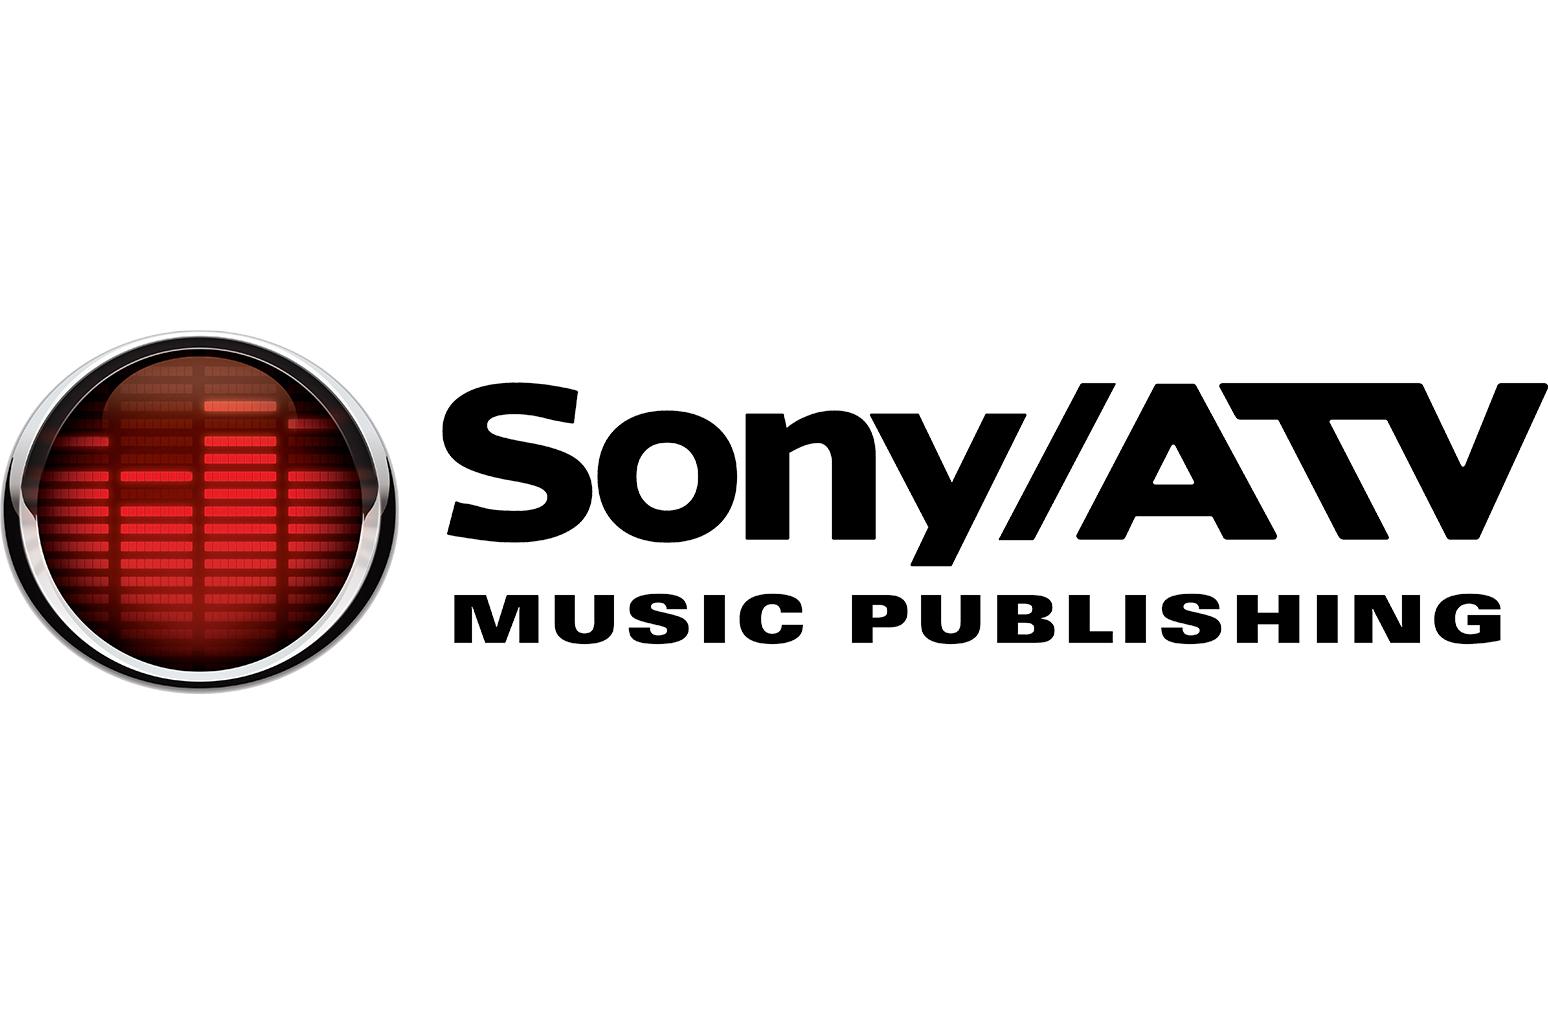 sony-atv-logo-2016-billboard-1548.jpg